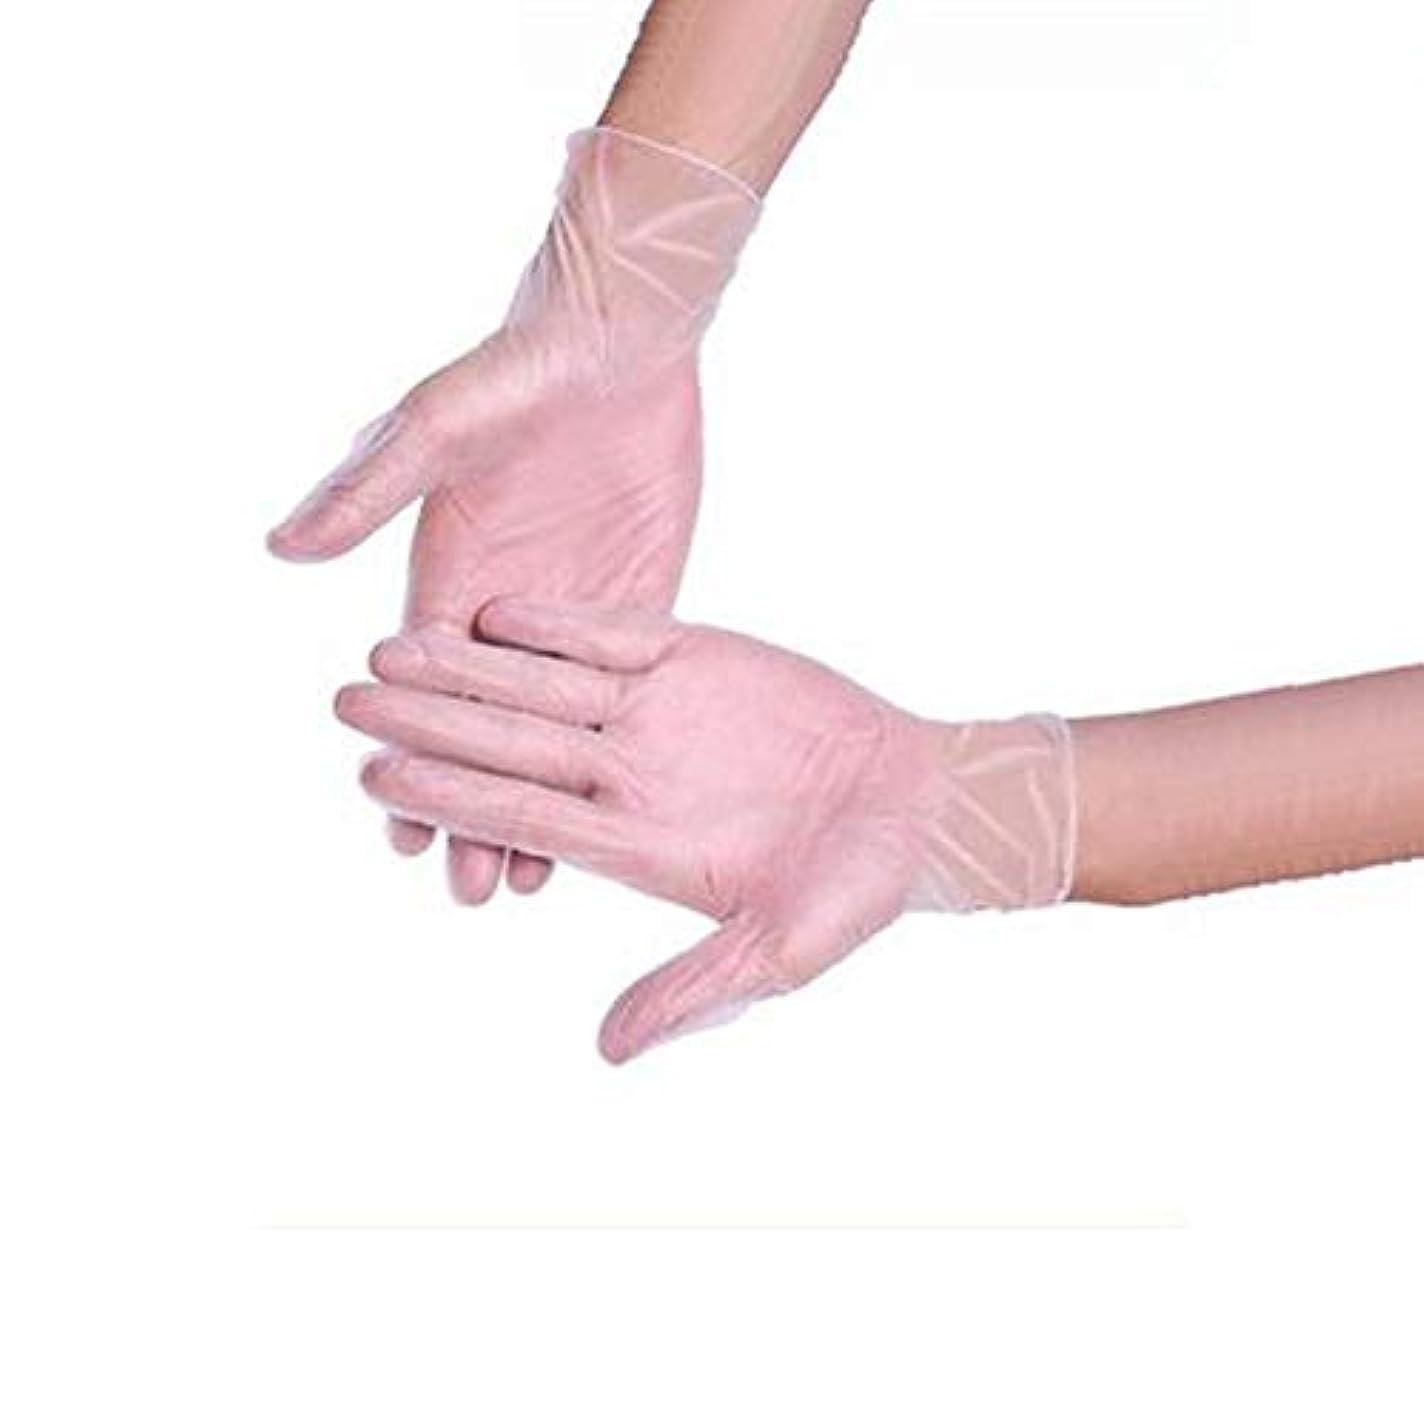 寝室船酔い動脈食品ベーキング手袋美容ネイル使い捨て手袋クリーニング帯電防止手袋箱入り500のみ YANW (色 : トランスペアレント, サイズ さいず : Xl xl)